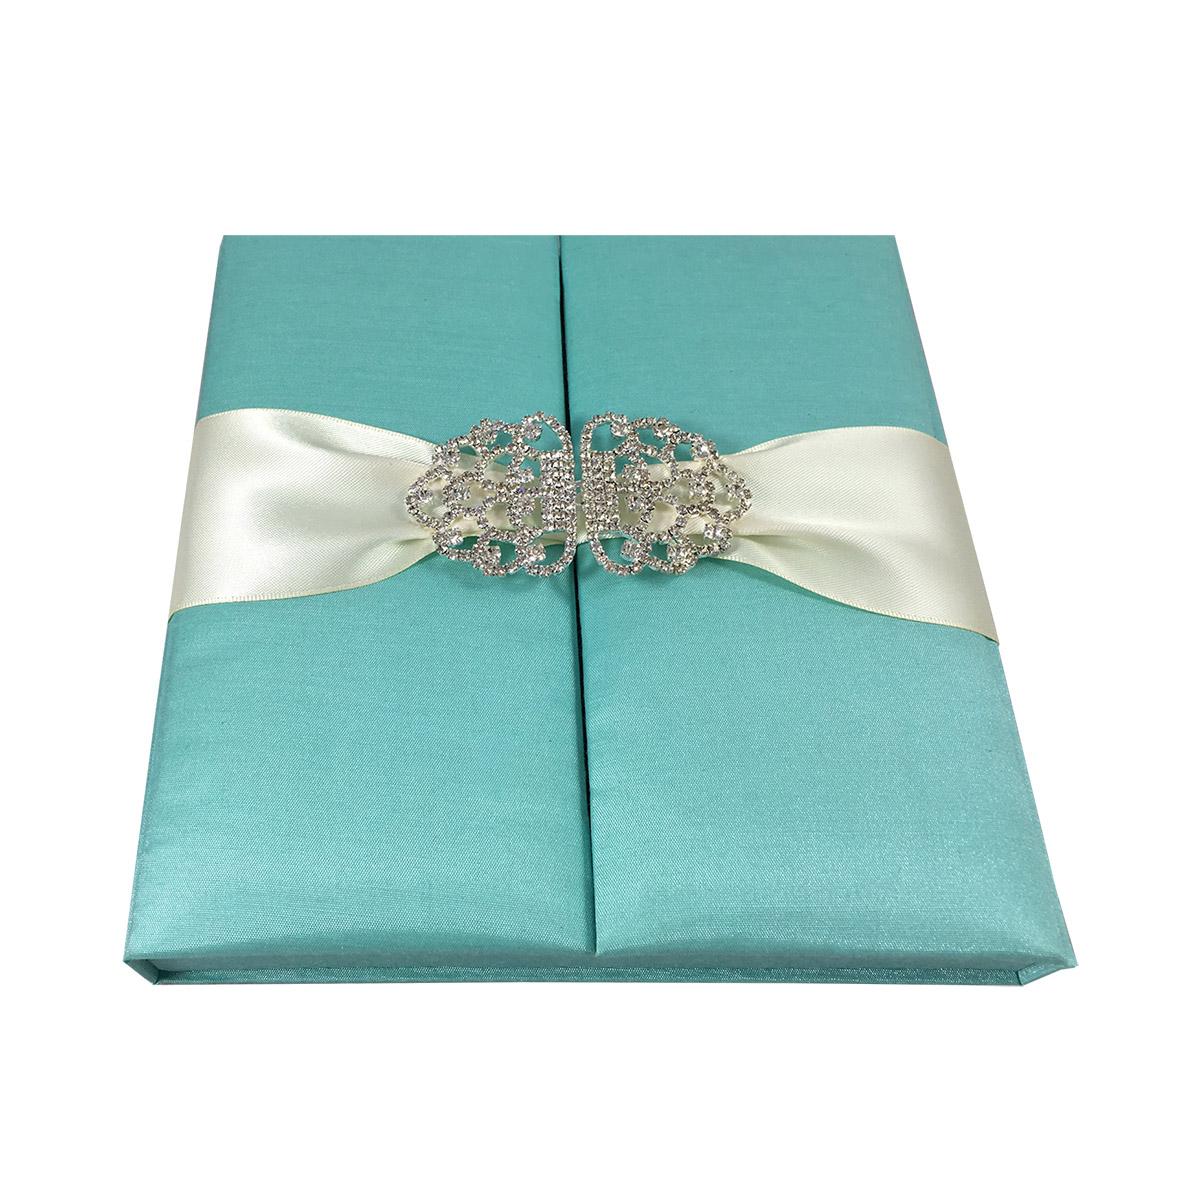 Luxury Tiffany Wedding Box